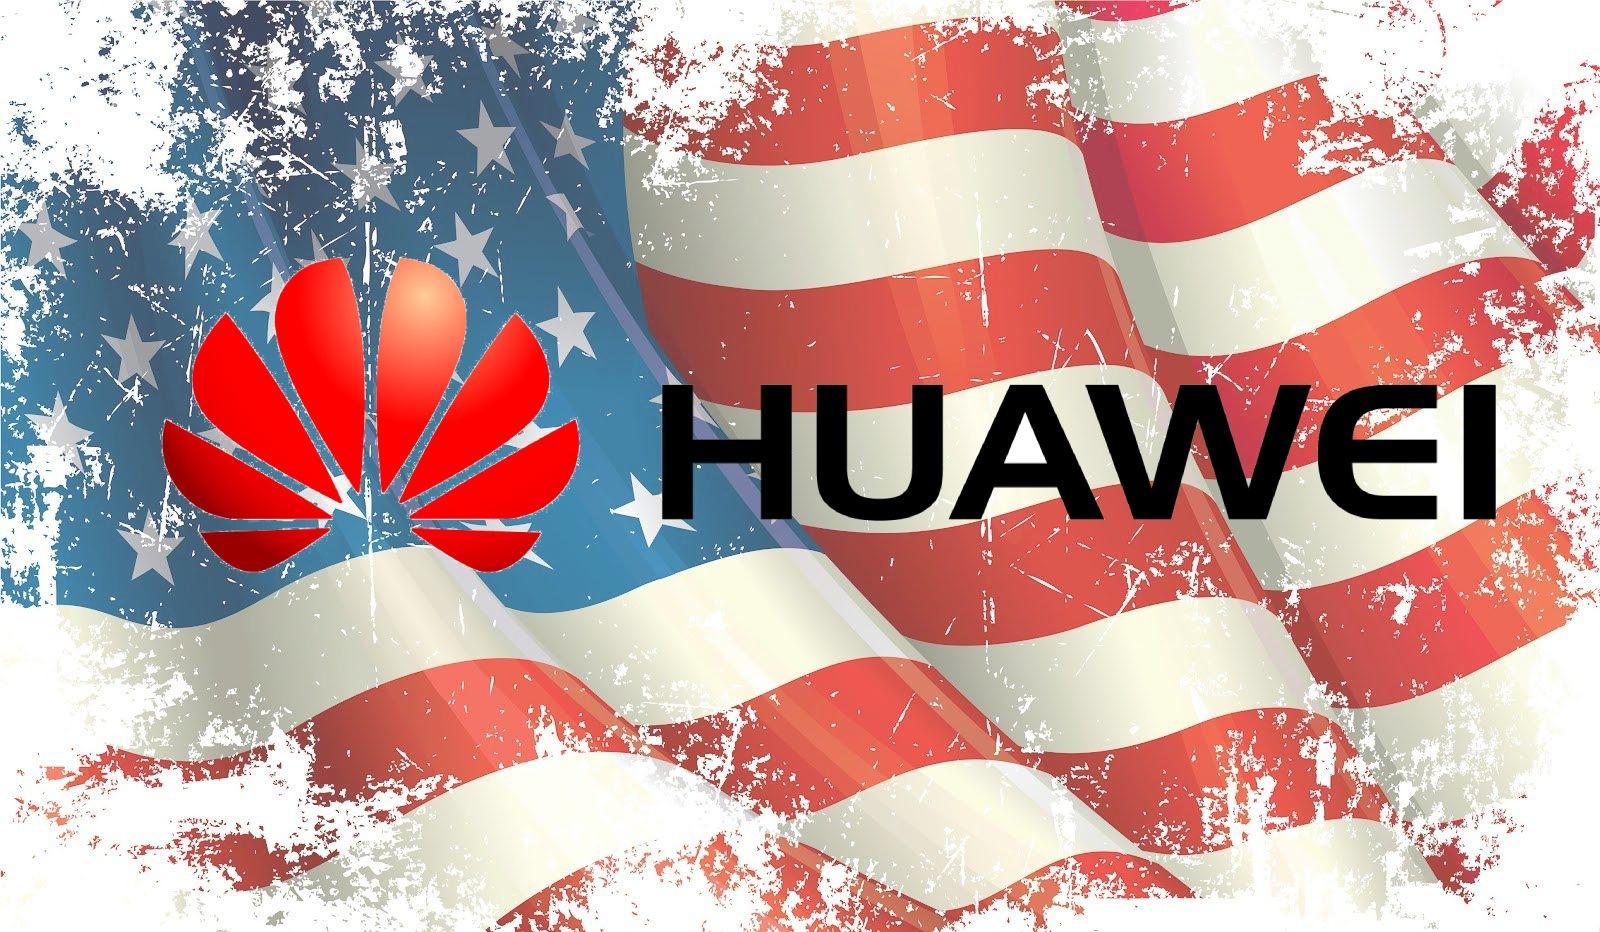 Logo de Huawei y bandera de Estados Unidos